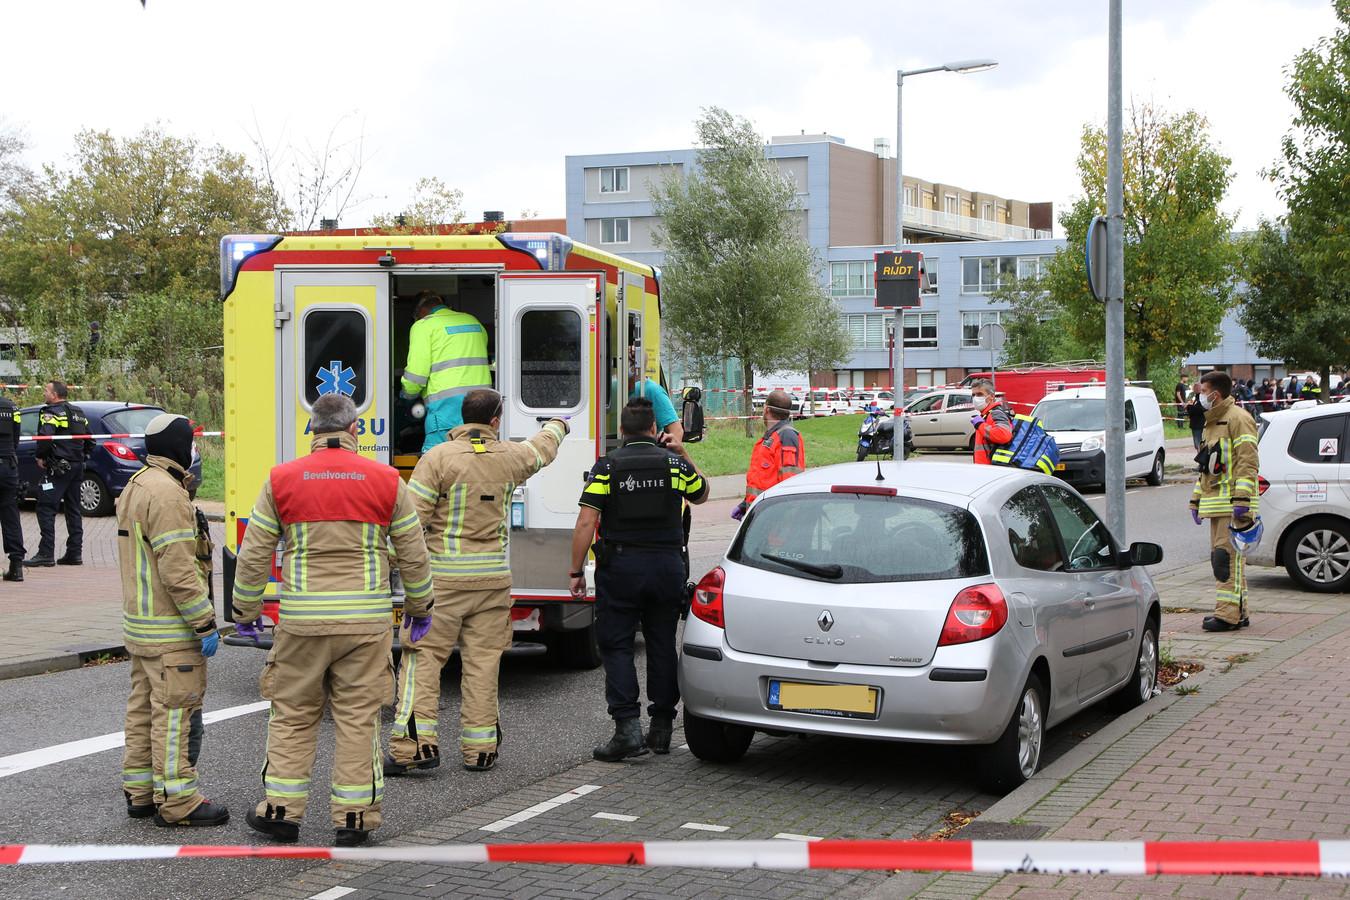 Het incident gebeurde op de P.J. Troelstralaan in Schiedam. Een persoon is zwaargewond geraakt.